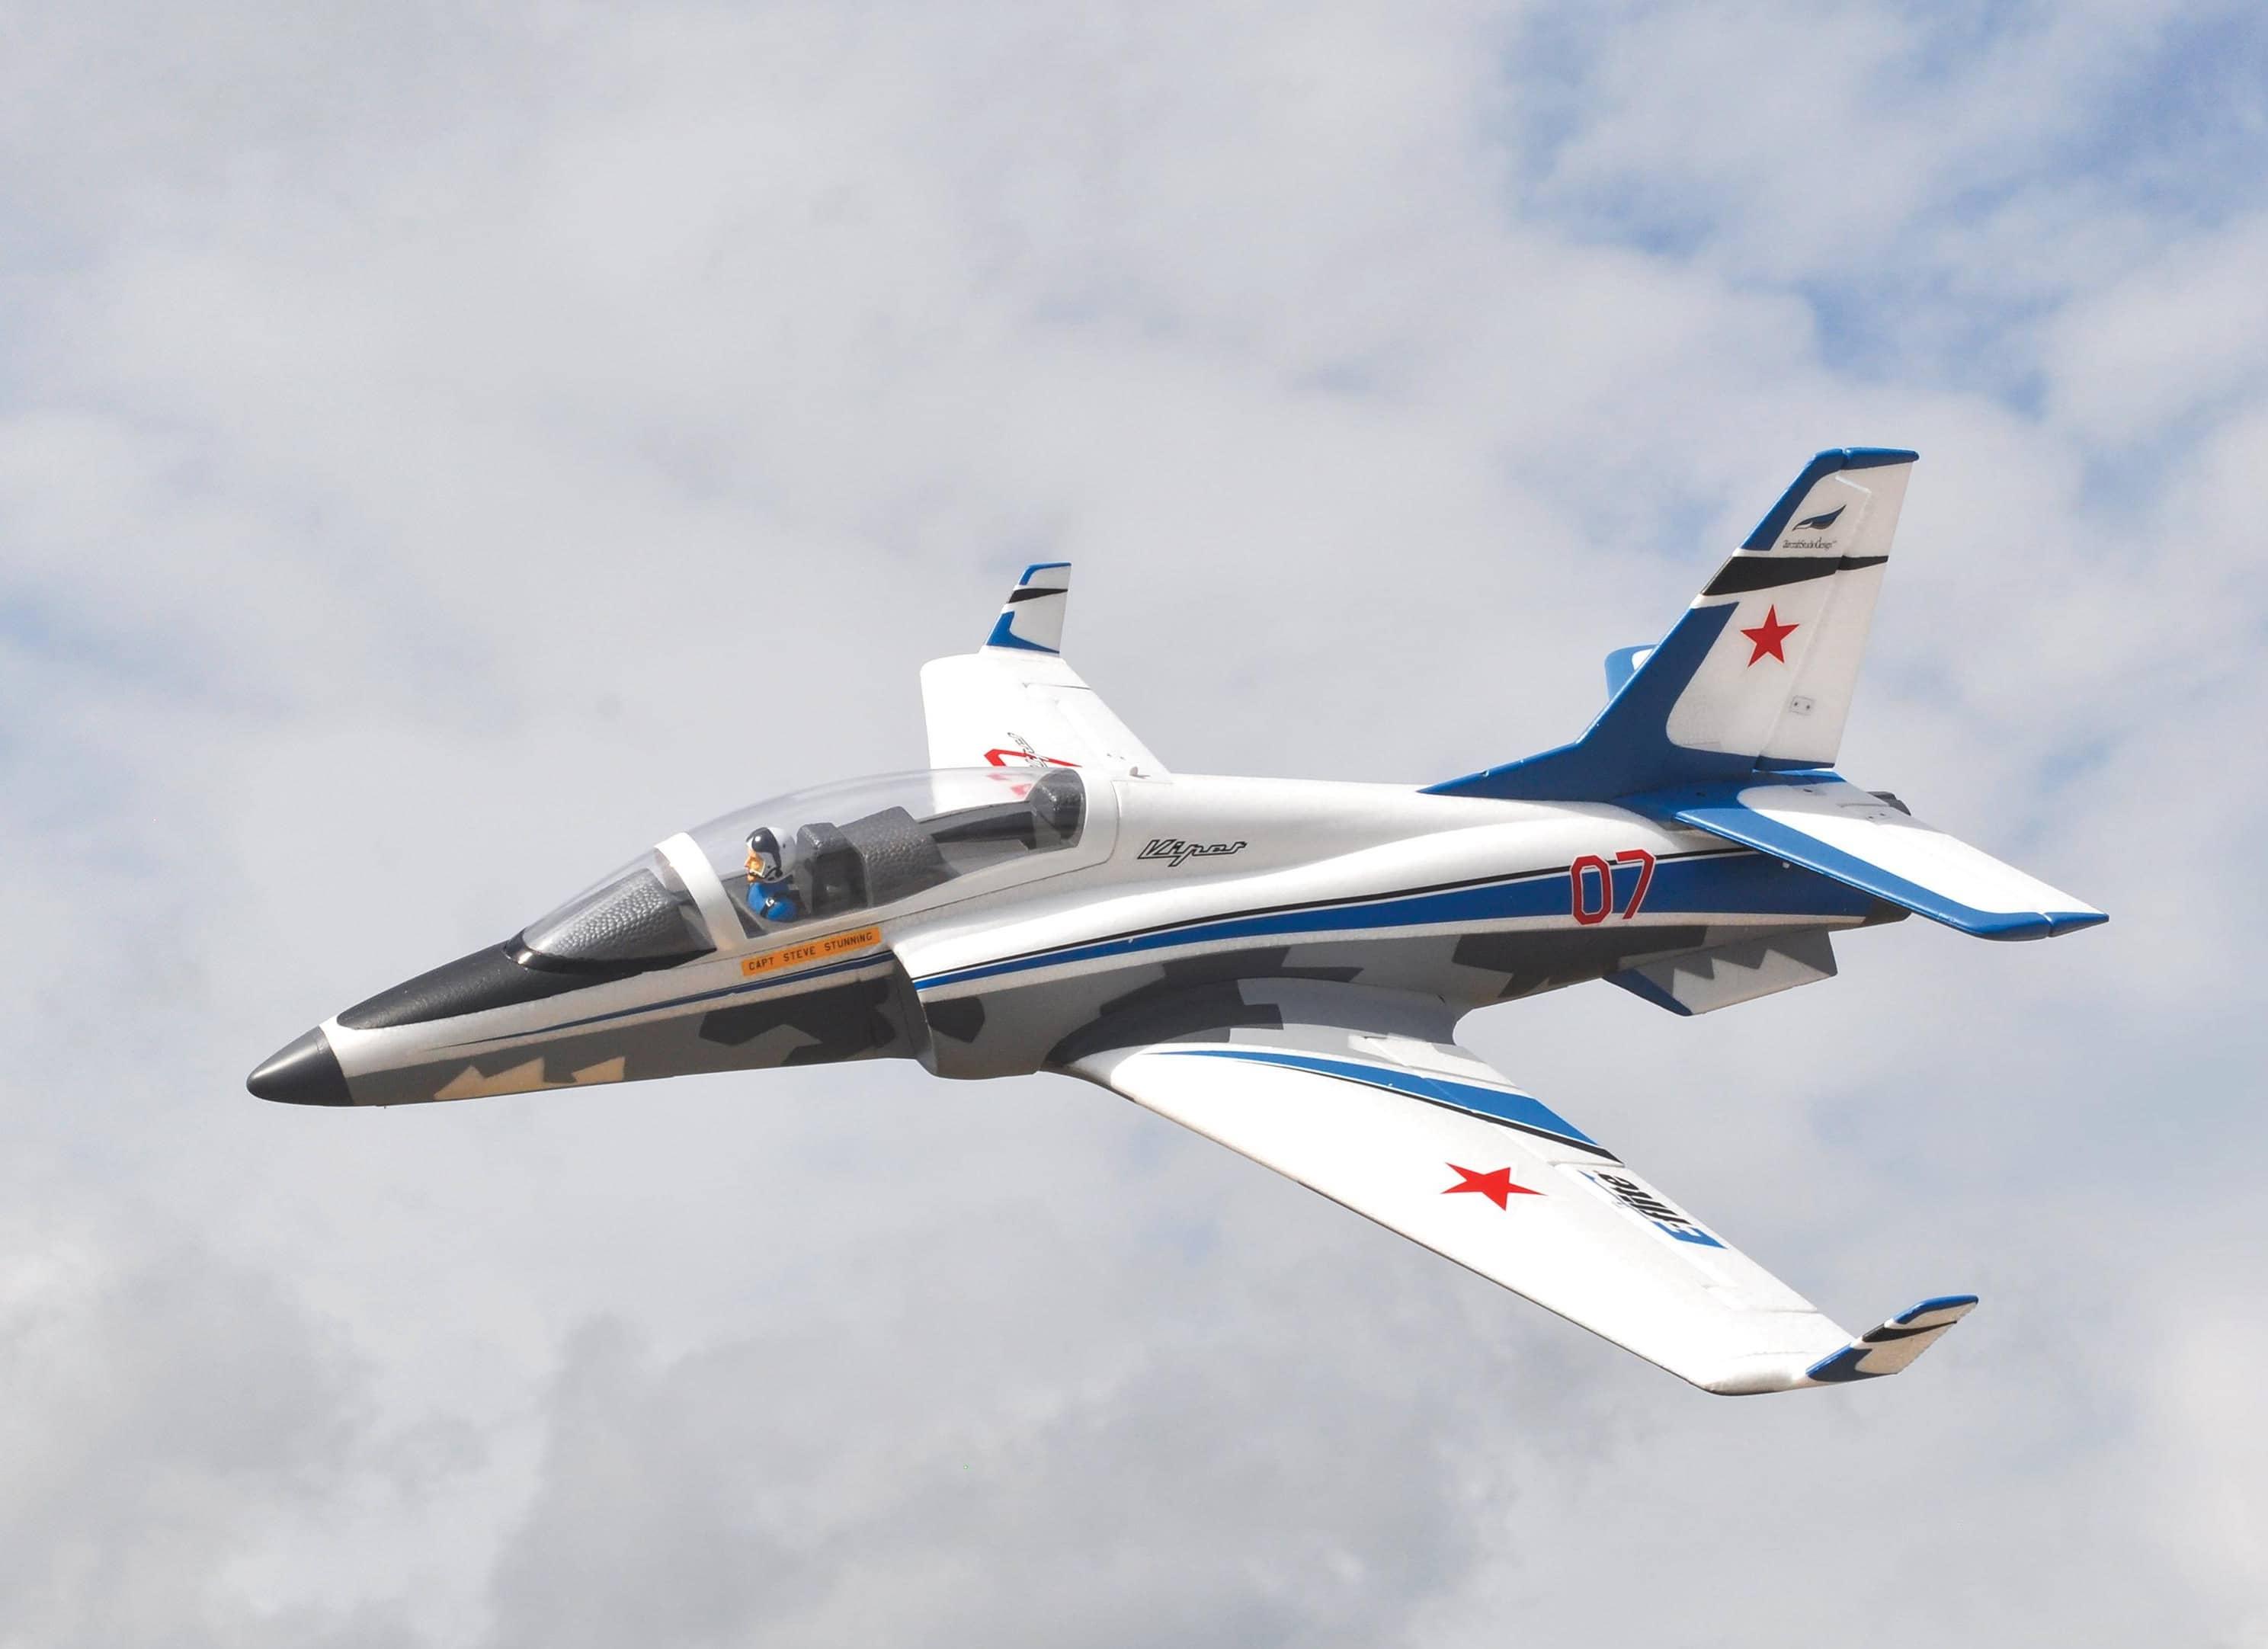 E-Flite/Horizon Hobby Viper 70mm EDF Jet